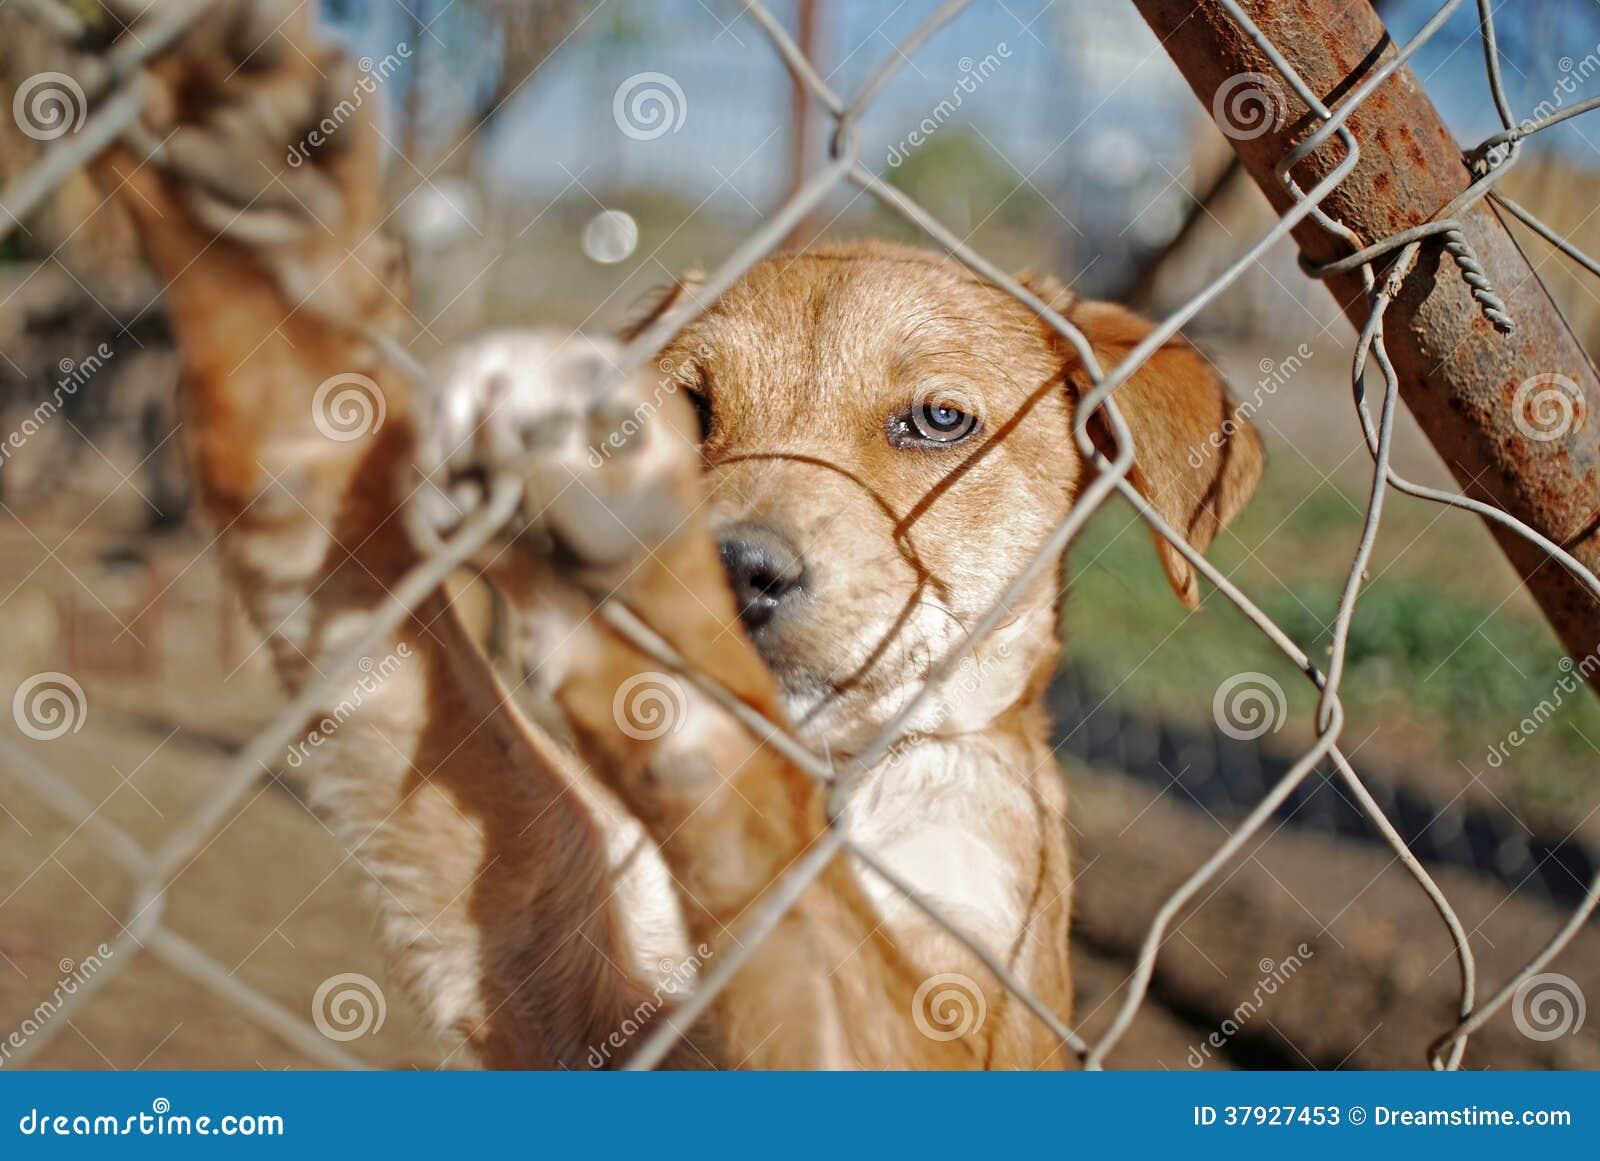 Hond die op goedkeuring wachten